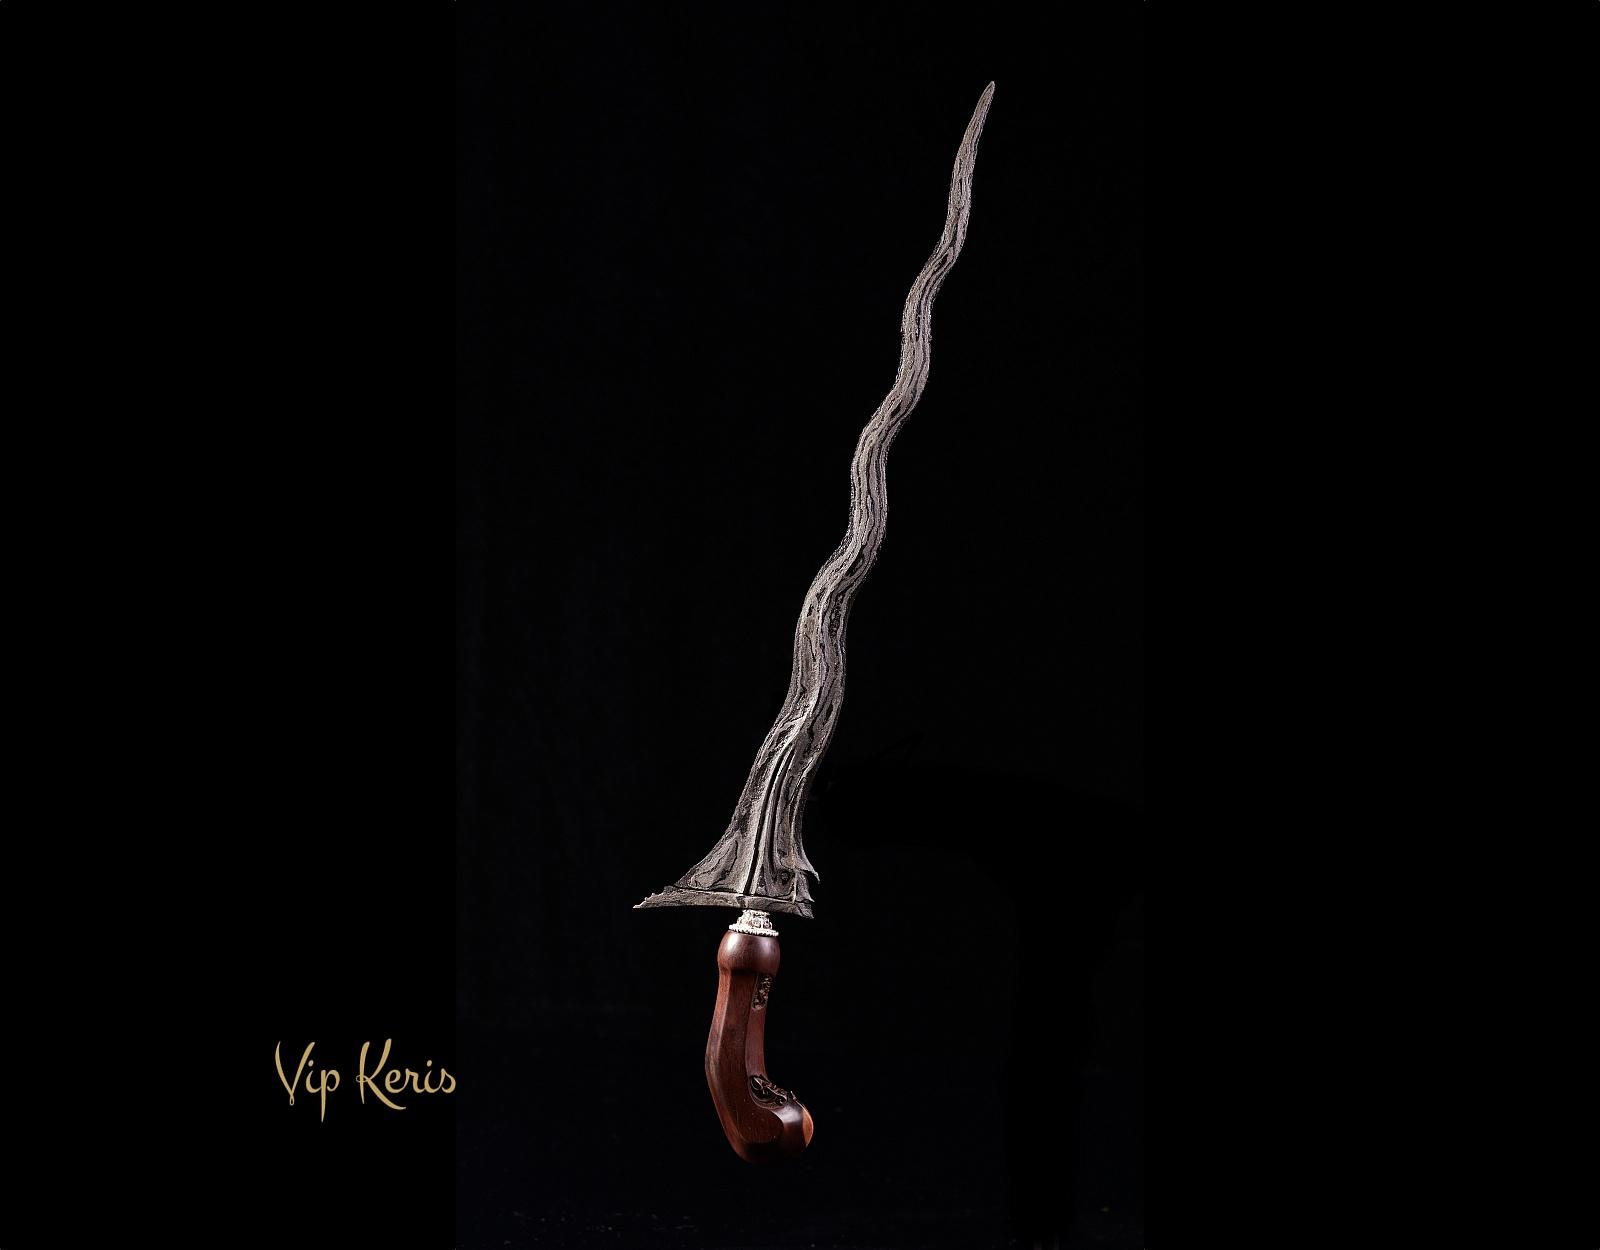 Пламевидный Кинжал Крис Panimbal фото VipKeris